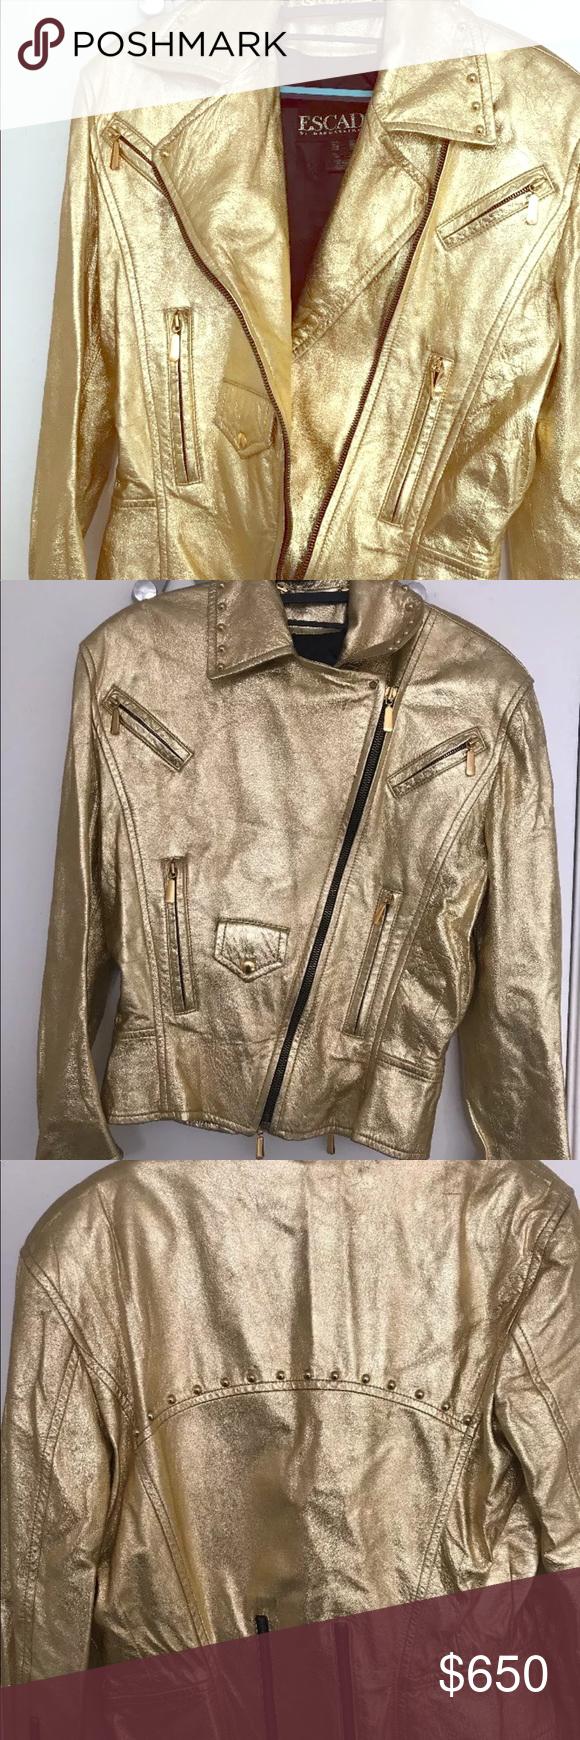 Rare Escada By Margaretha Ley Gold Leather Jacket Vintage Escada By Margaretha Ley Gold Leather Jacket In Great C Vintage Leather Jacket Jackets Escada Jacket [ 1740 x 580 Pixel ]